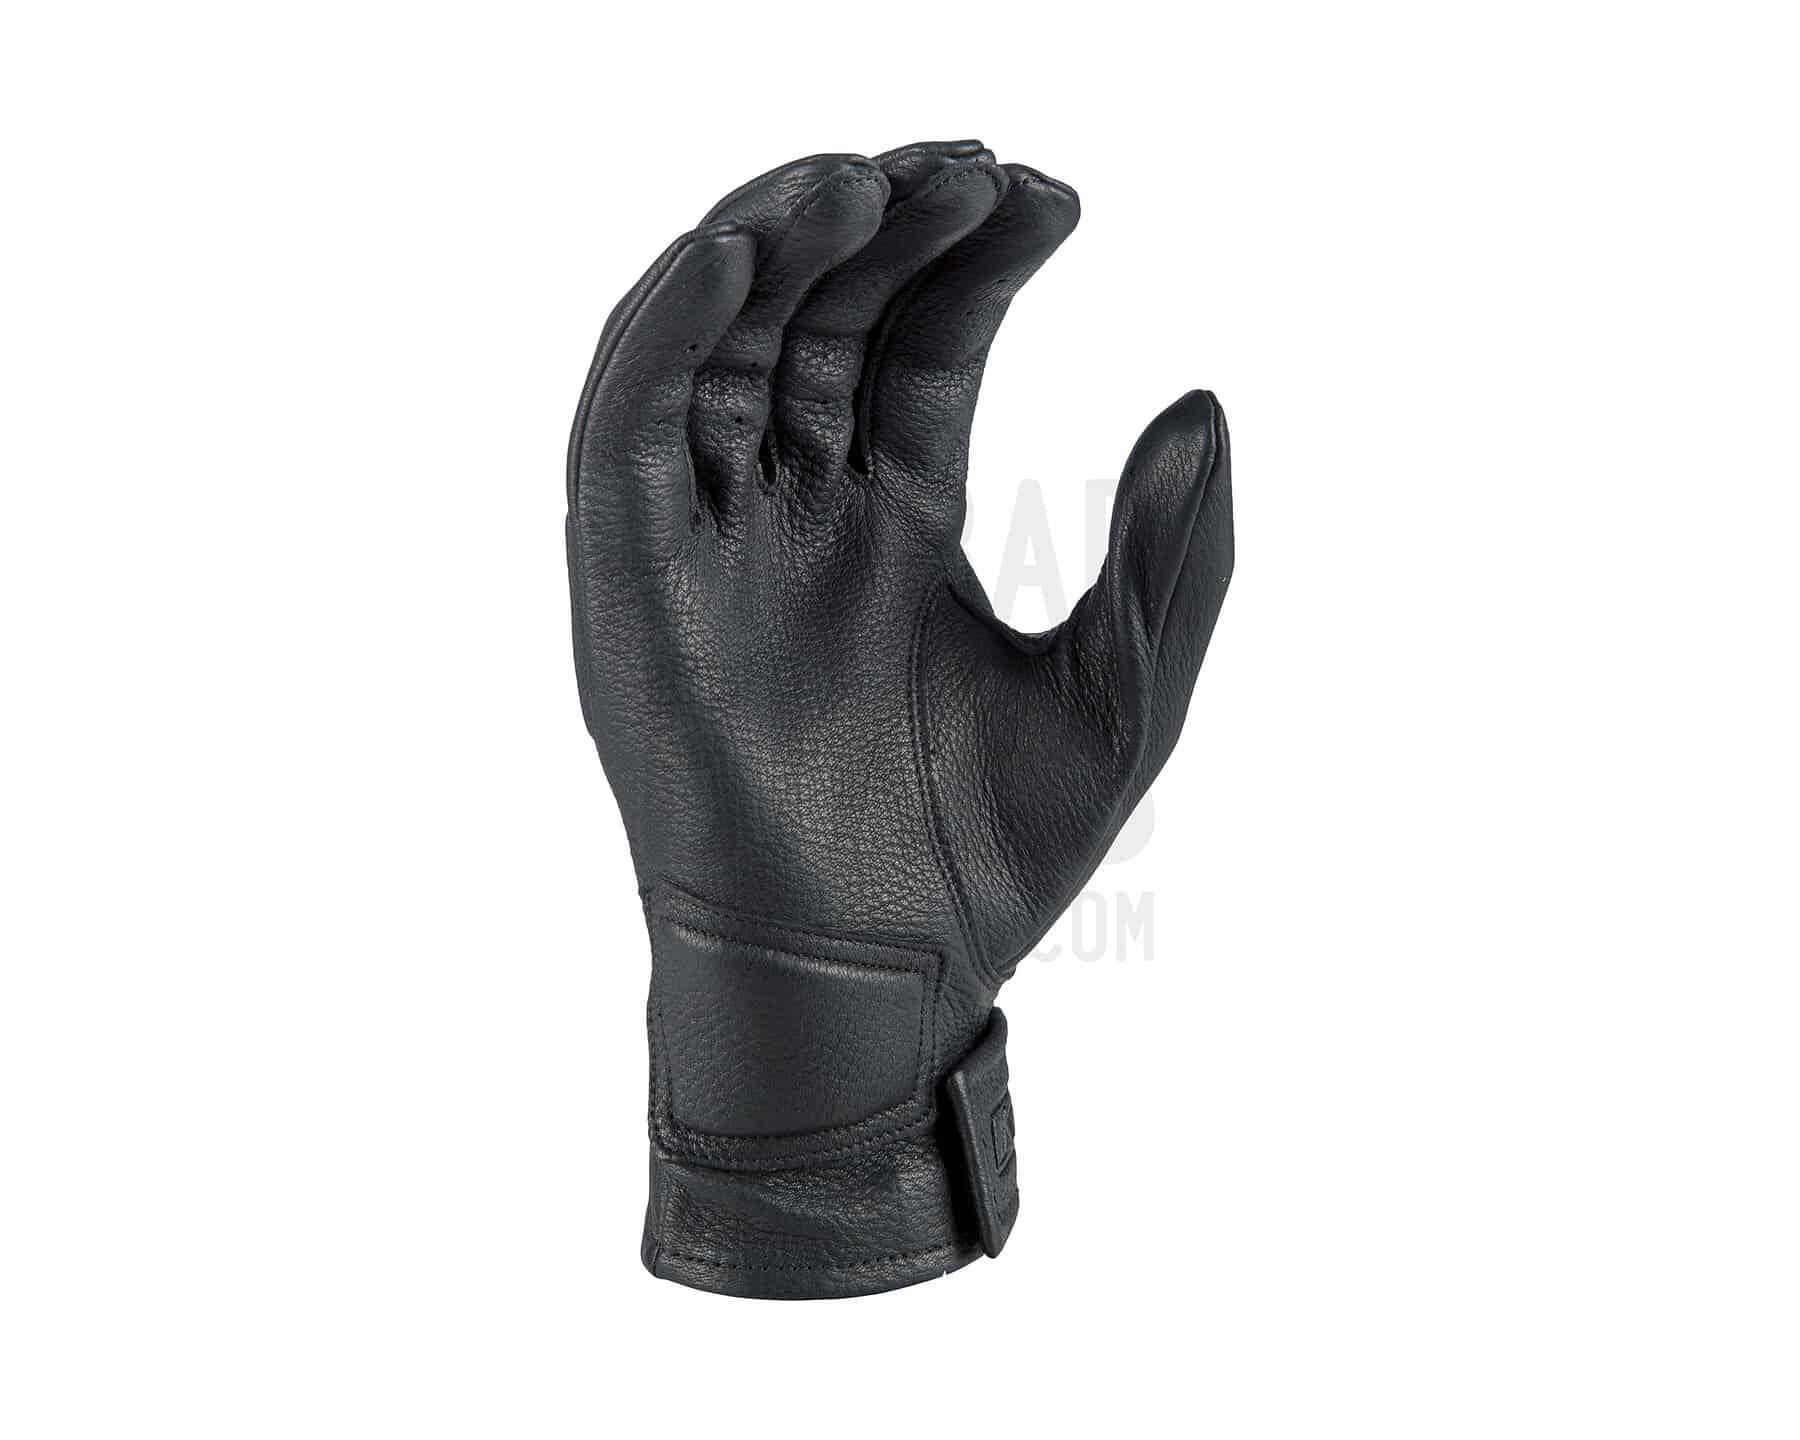 Rambler Glove_3895-000_Black_02